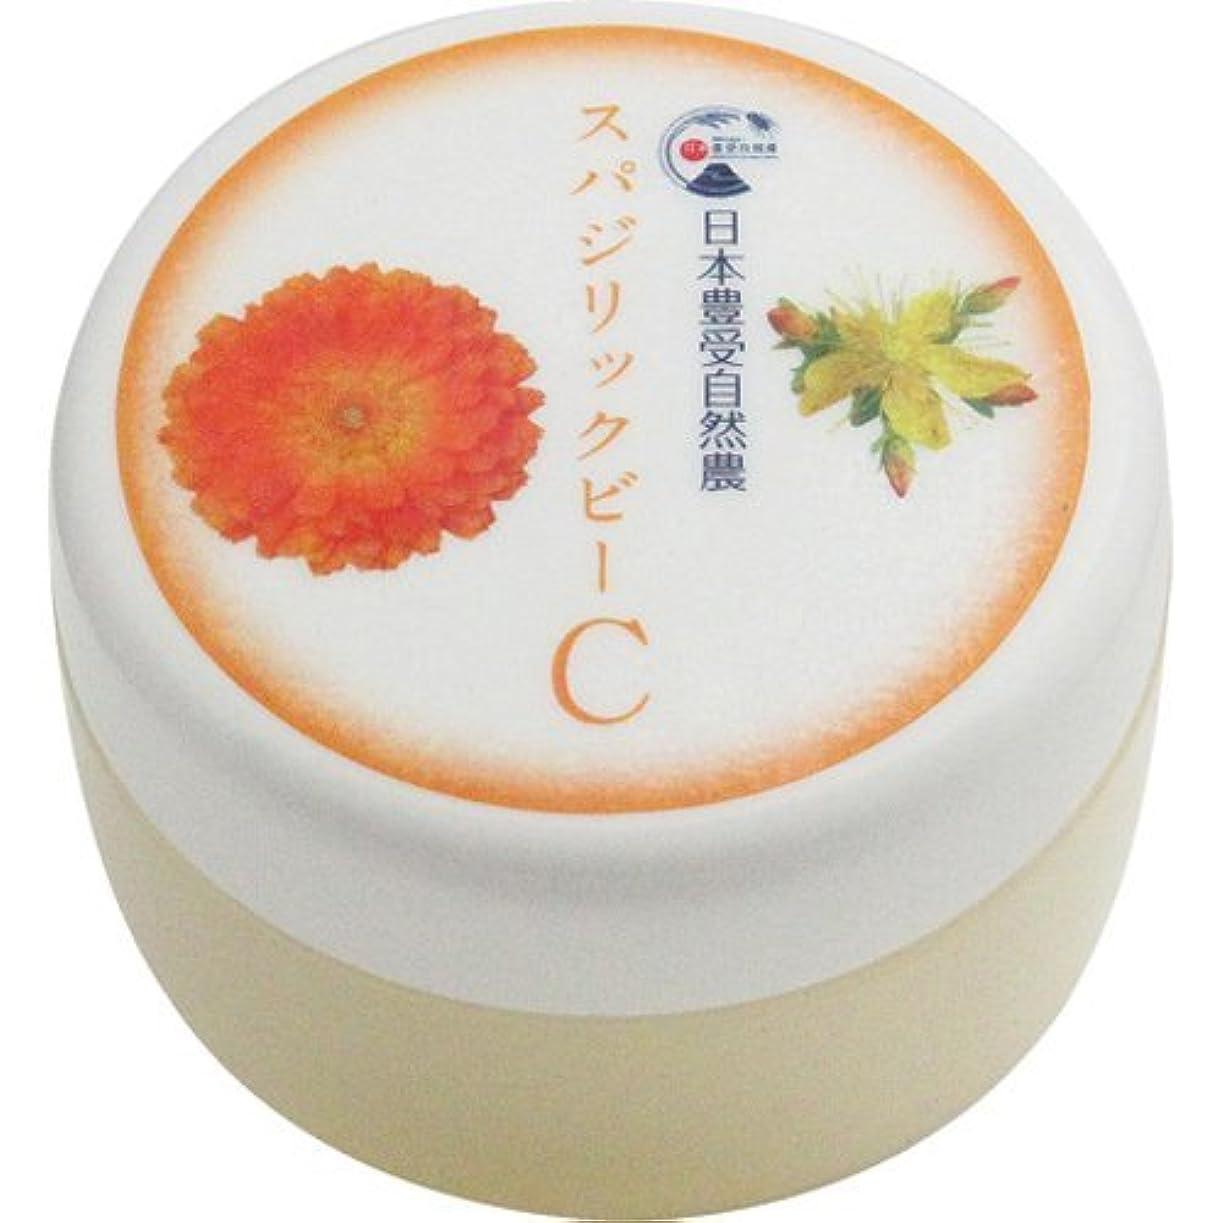 表向き罹患率件名日本豊受自然農 スパジリック ビーC(小) 10g